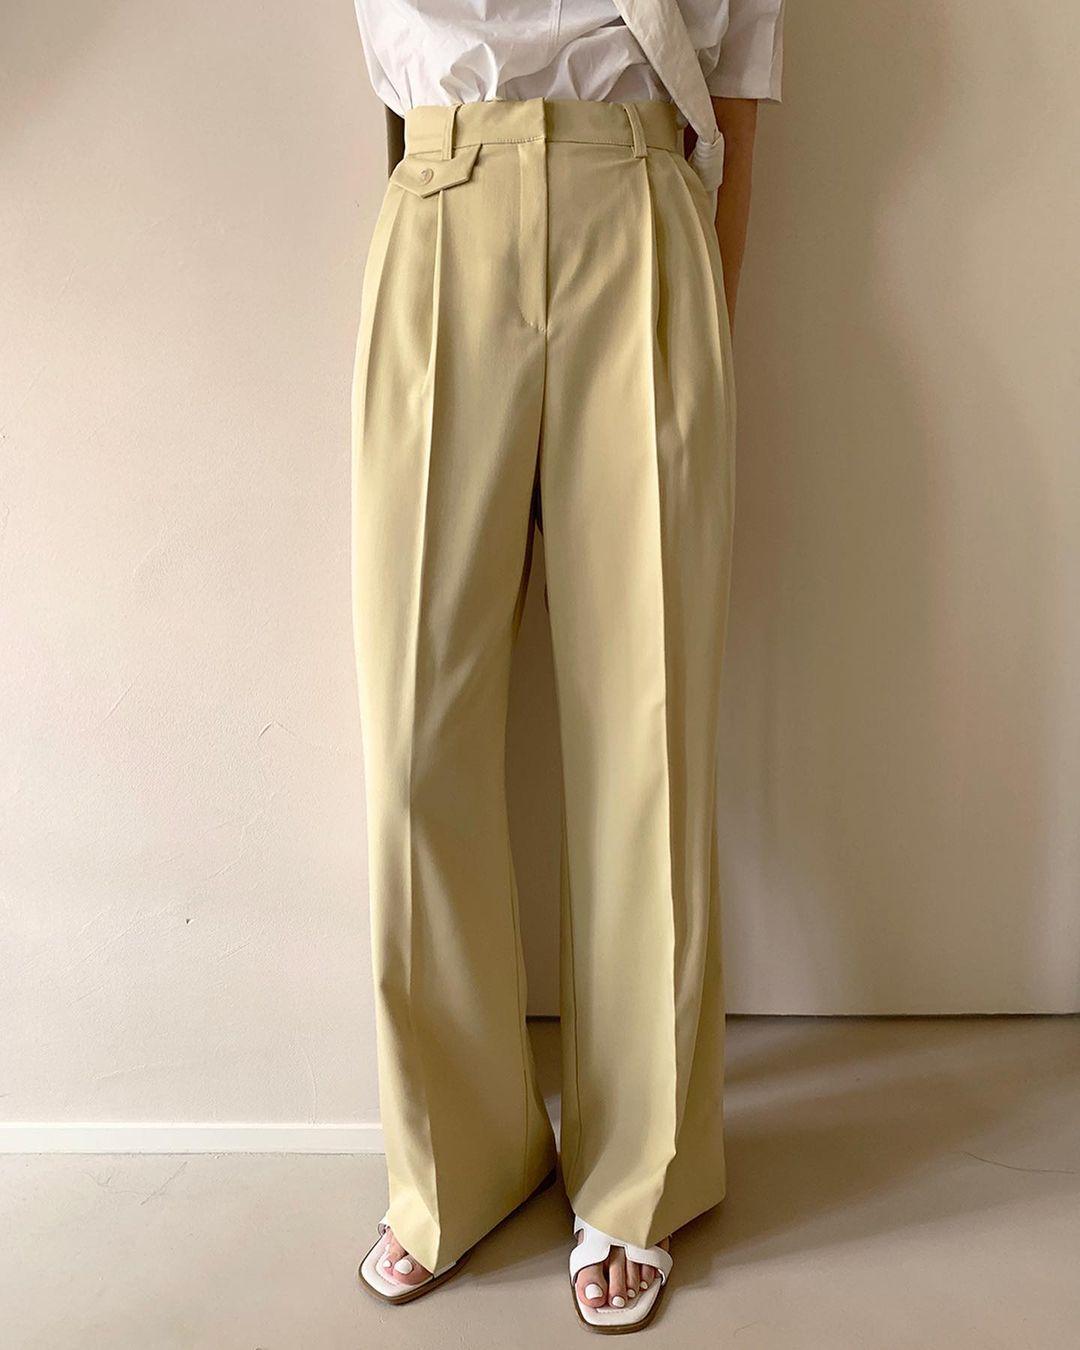 5 mẫu quần nhẹ mát đang được diện nhiều nhất lúc này: Bạn sắm hết là vô cùng sáng suốt - Ảnh 15